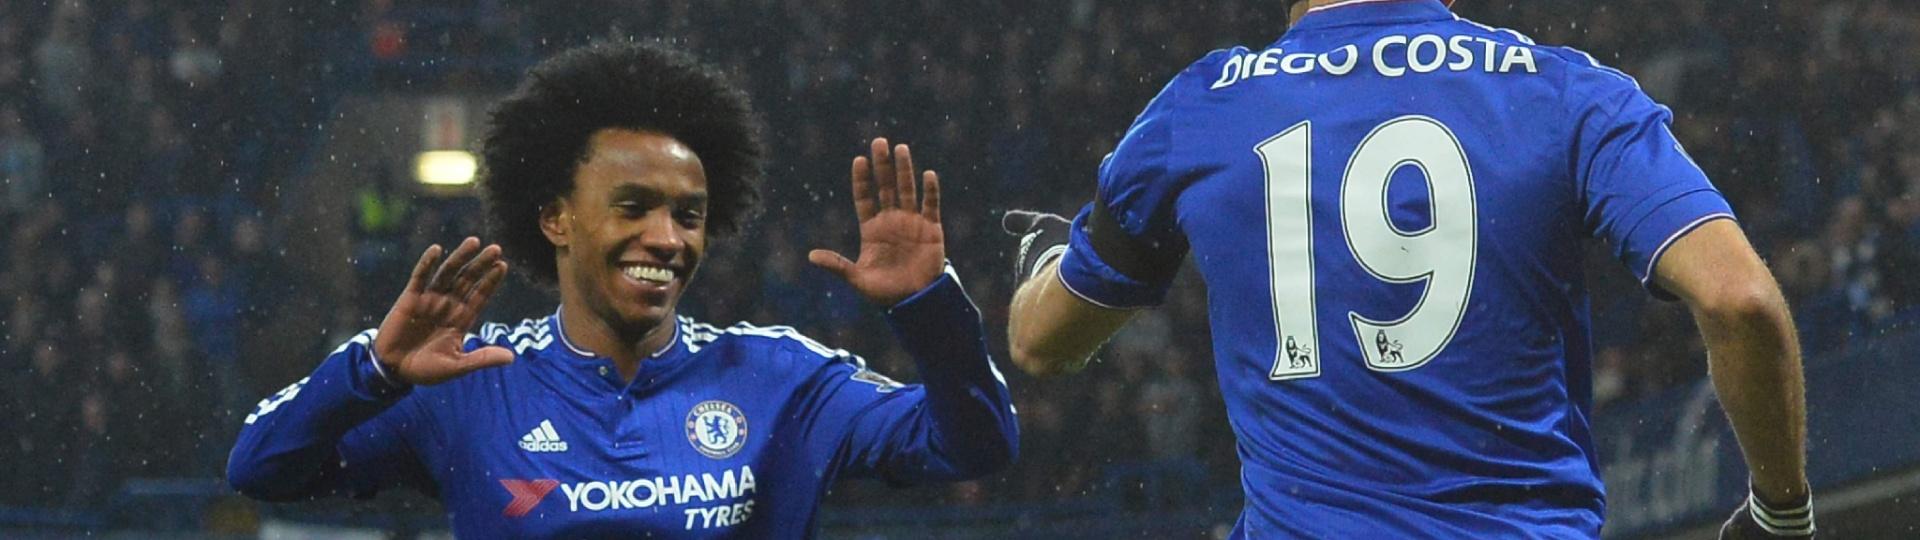 Willian e Diego Costa comemoram um dos gols do Chelsea no jogo contra o Newcastle, pelo Campeonato Inglês